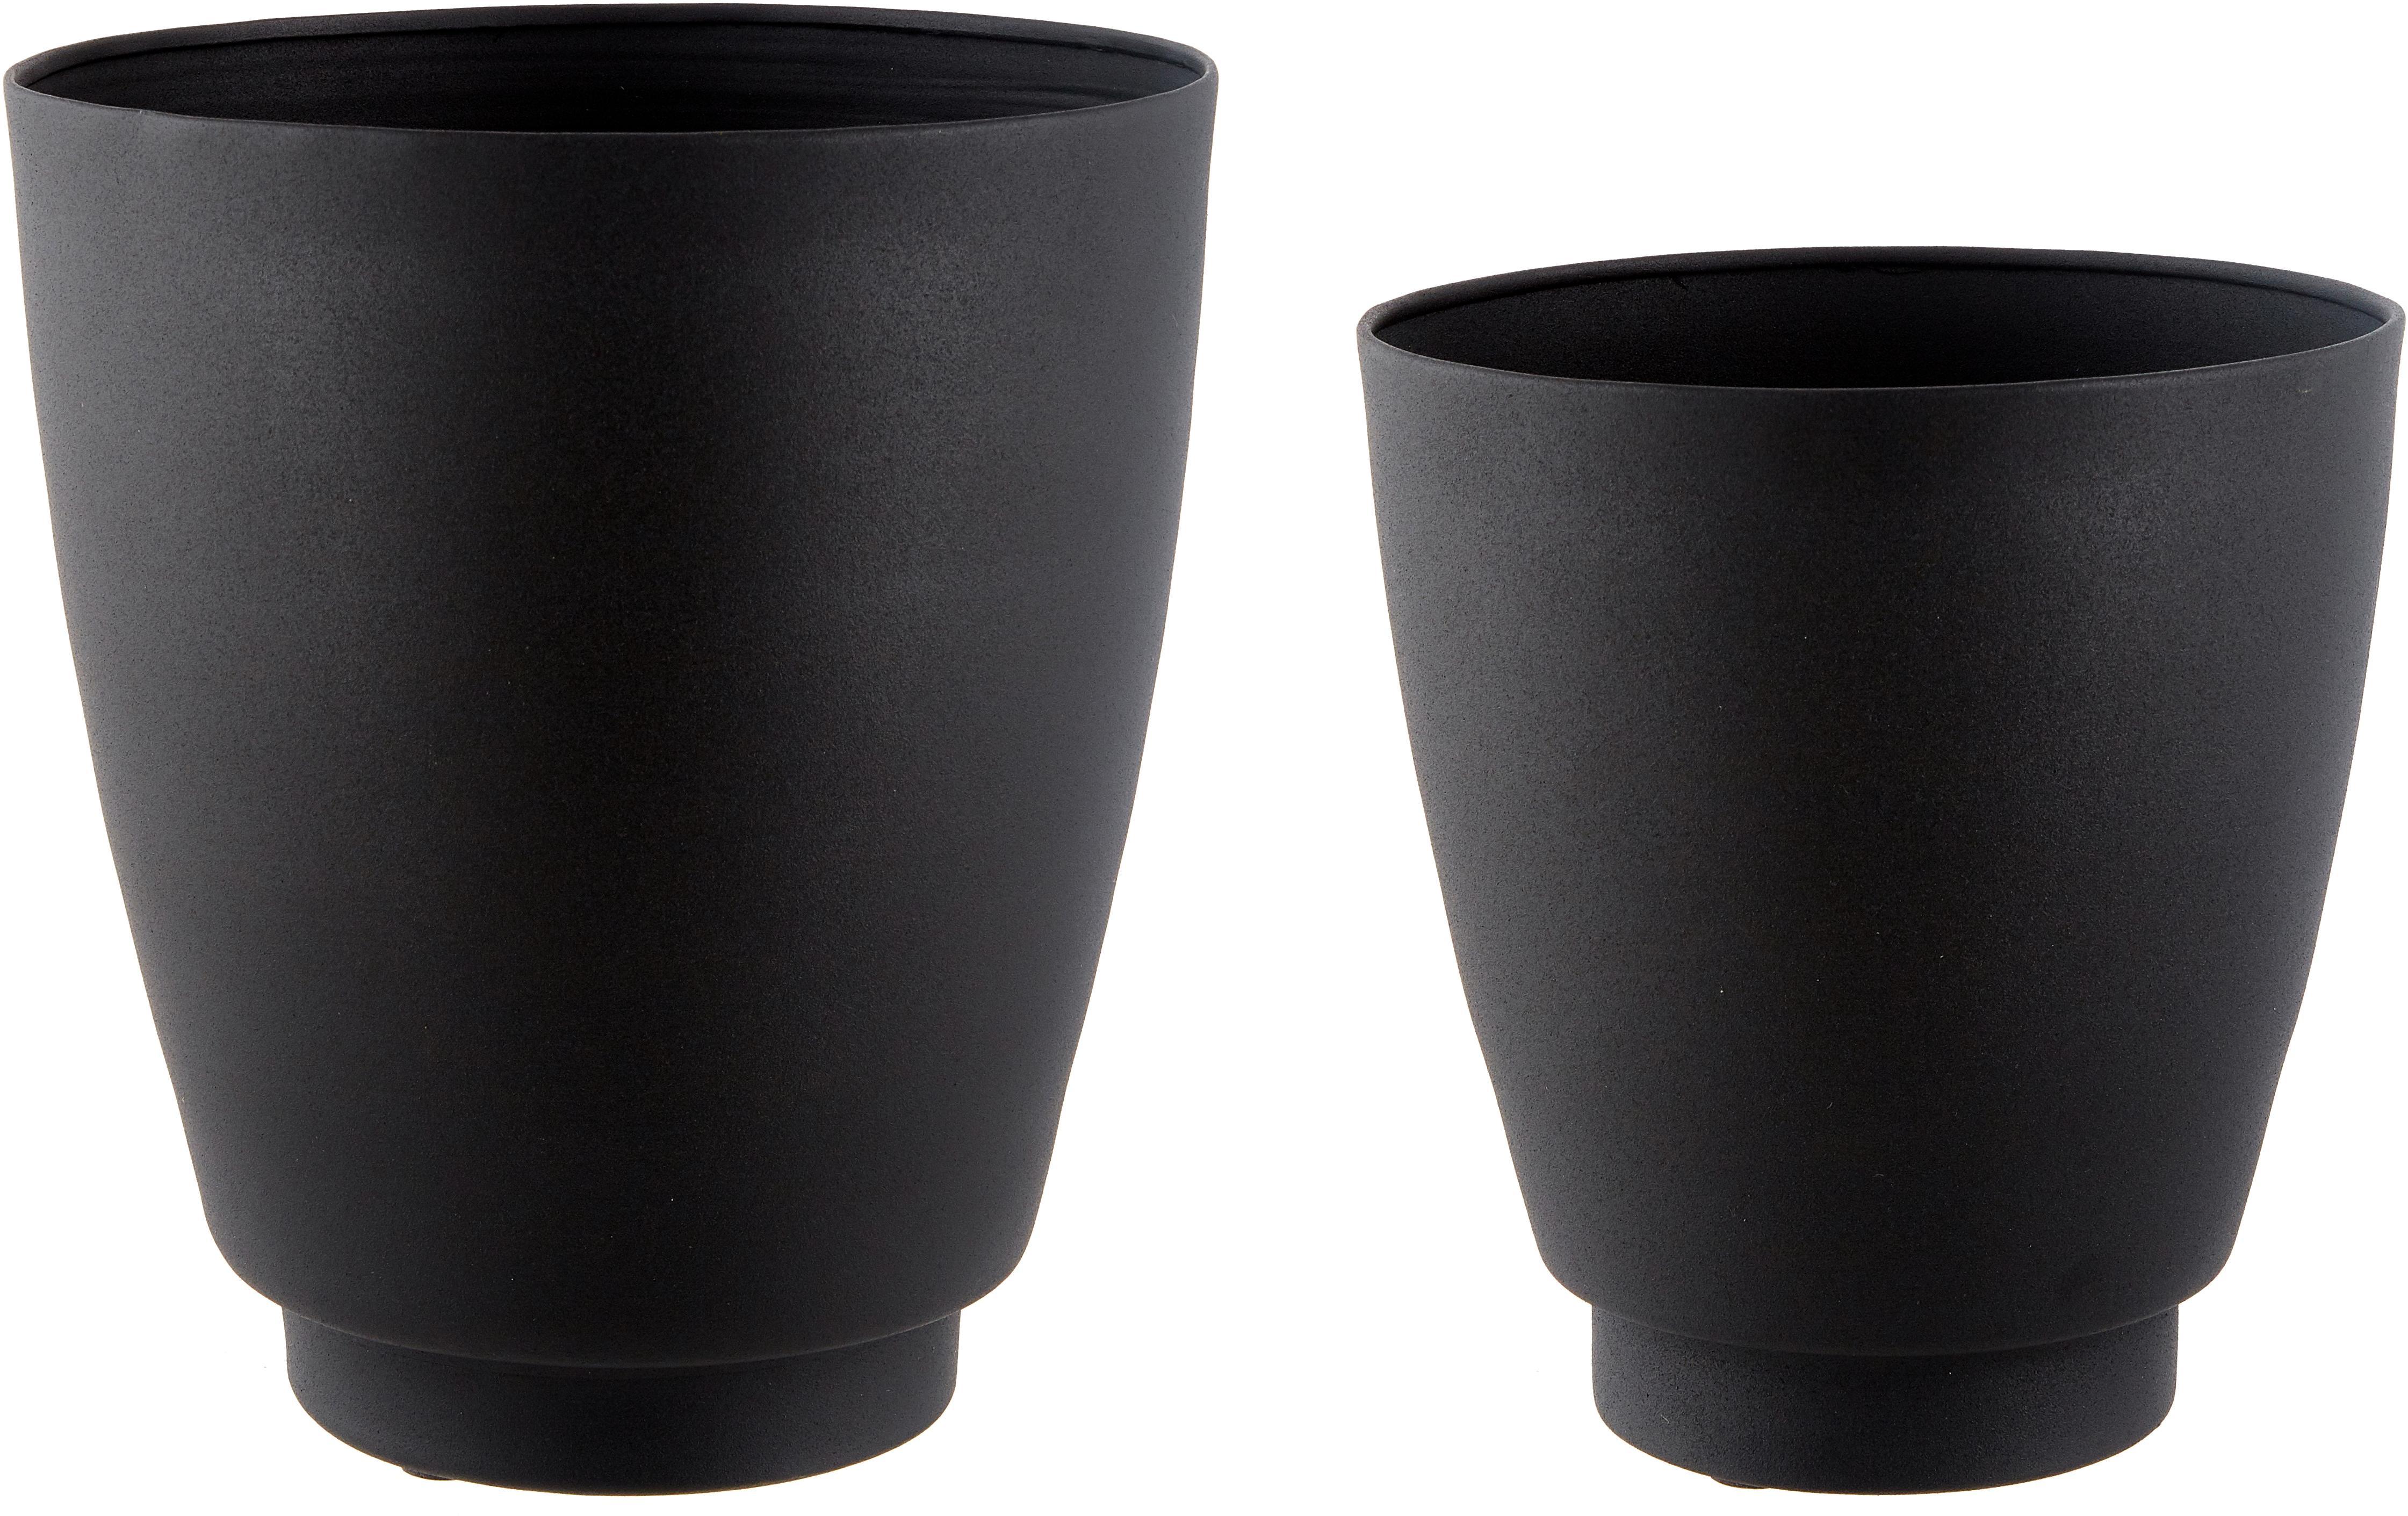 Großes Übertopf-Set Timber aus Metall, 2-tlg., Metall, beschichtet, Schwarz, Sondergrößen